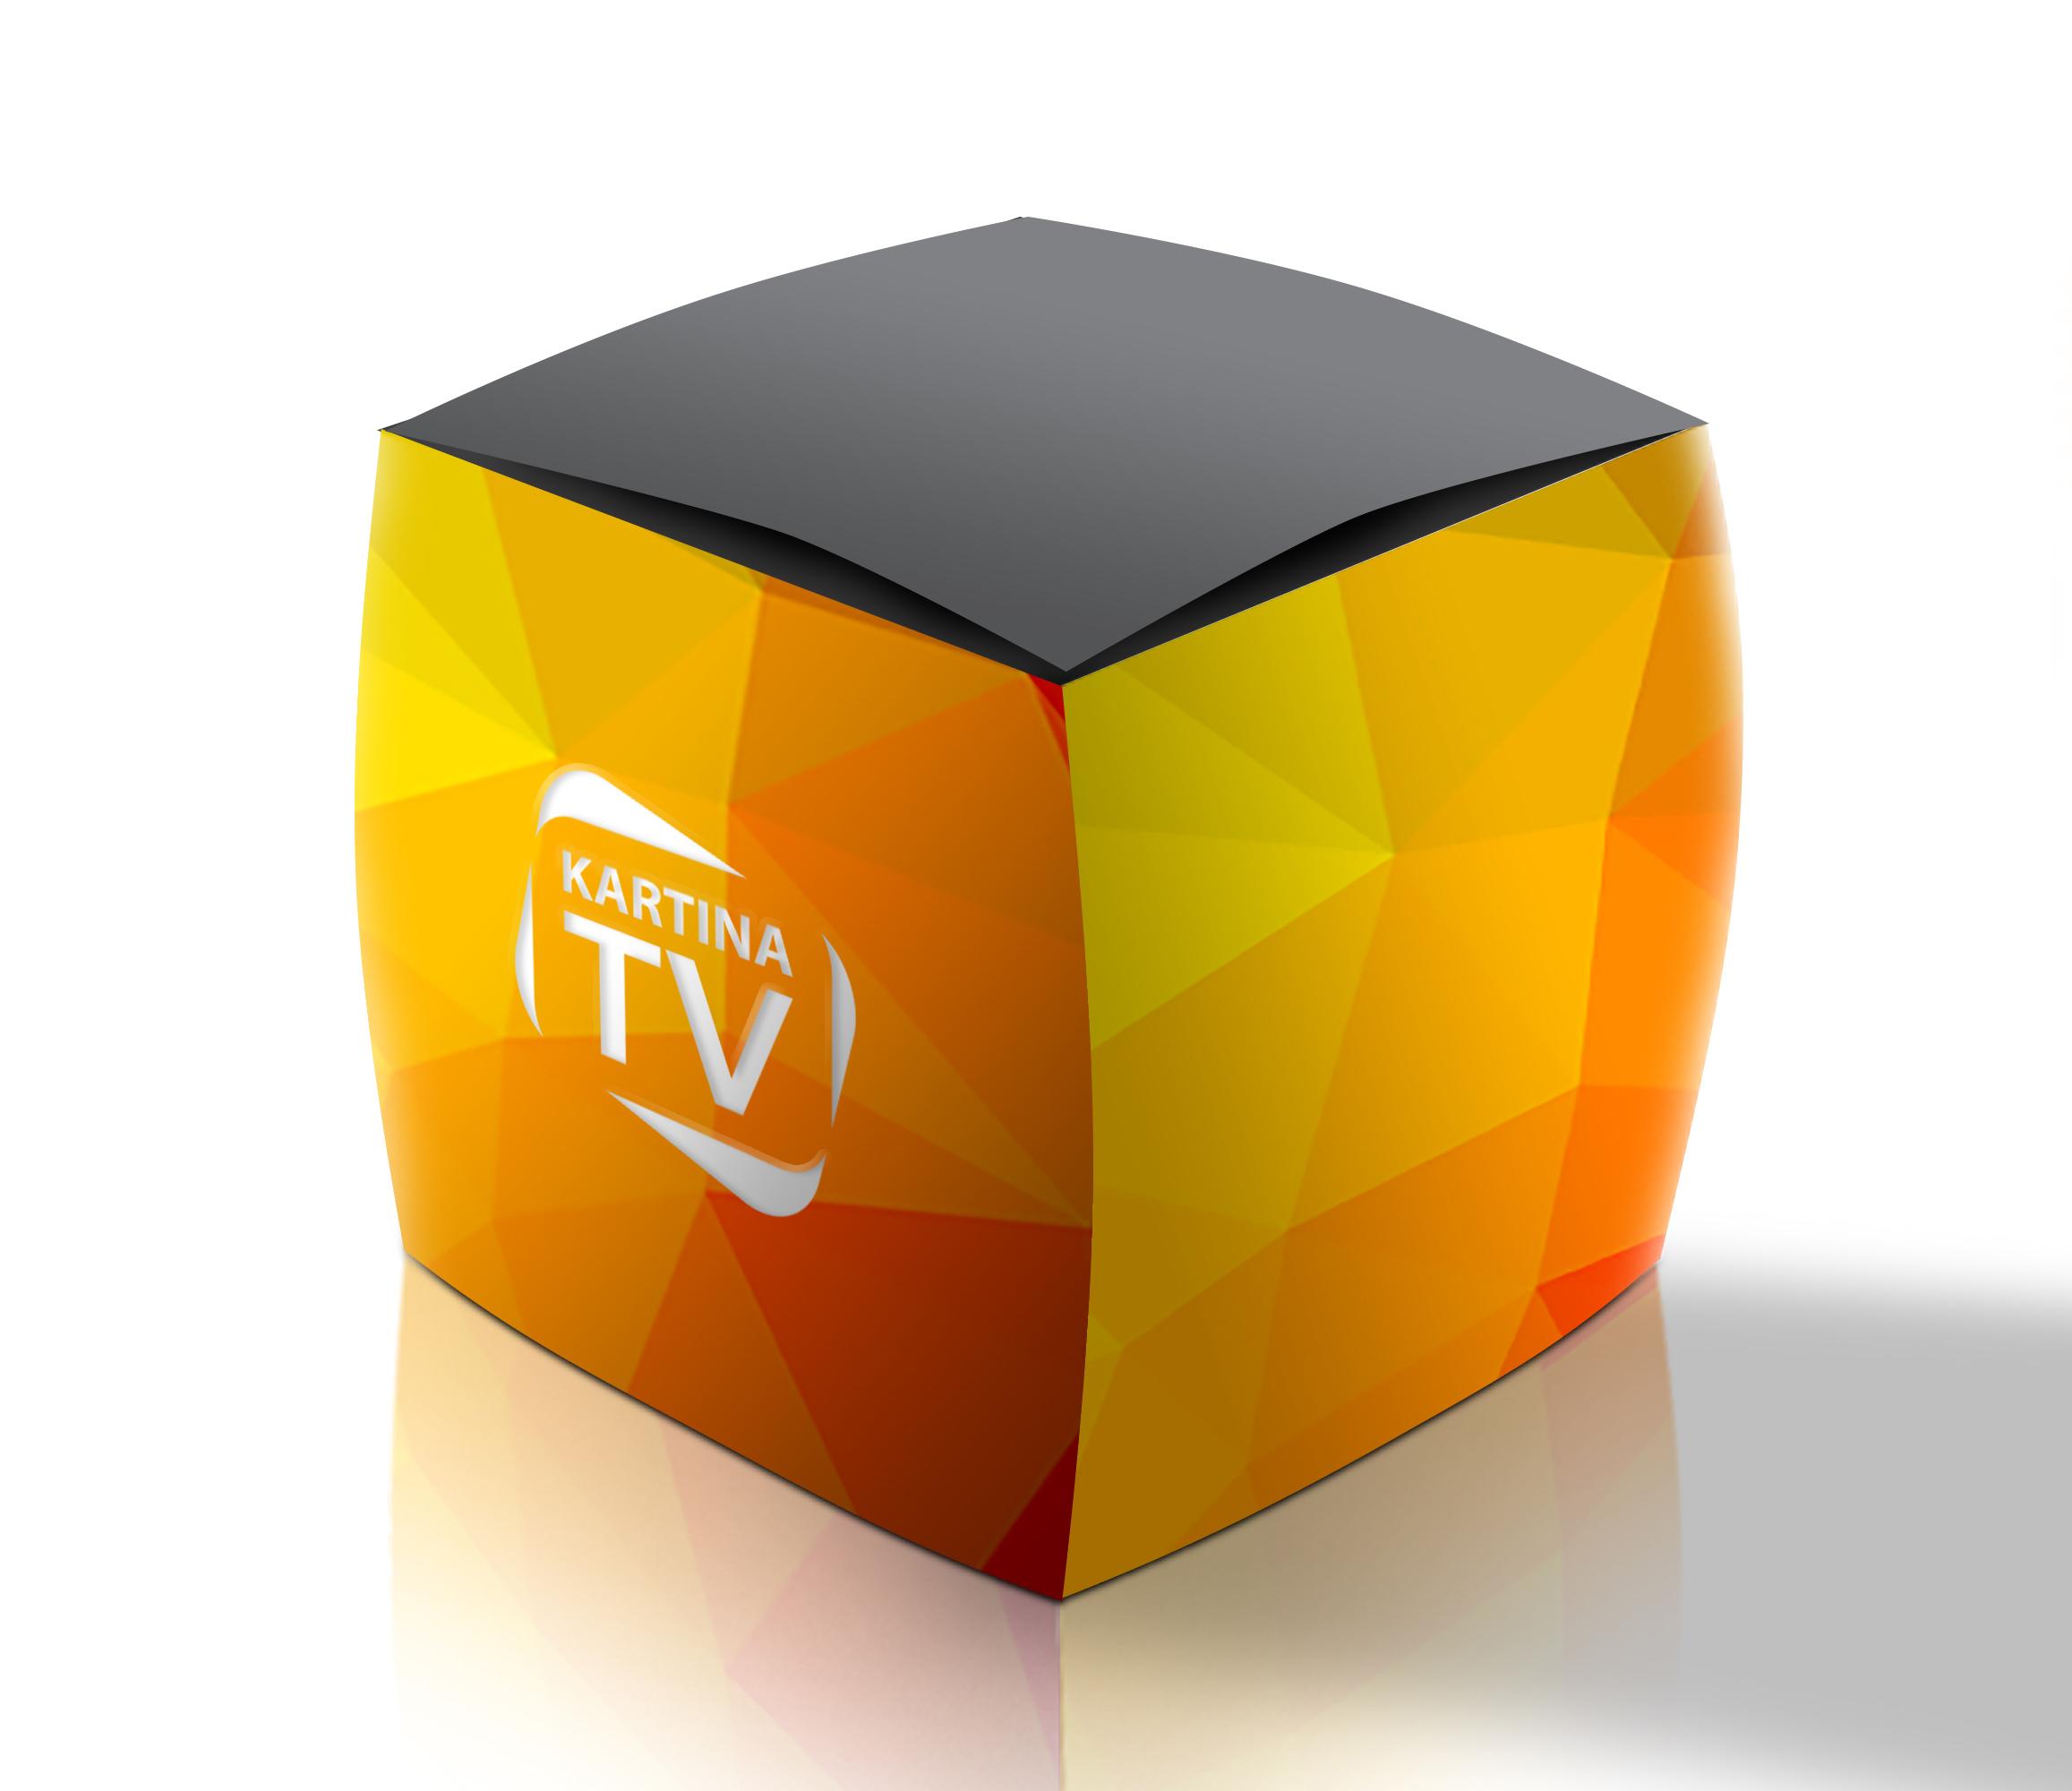 KartinaTV становится еще более комфортной и выгодной с новым пакетом каналов – «Премиум»!